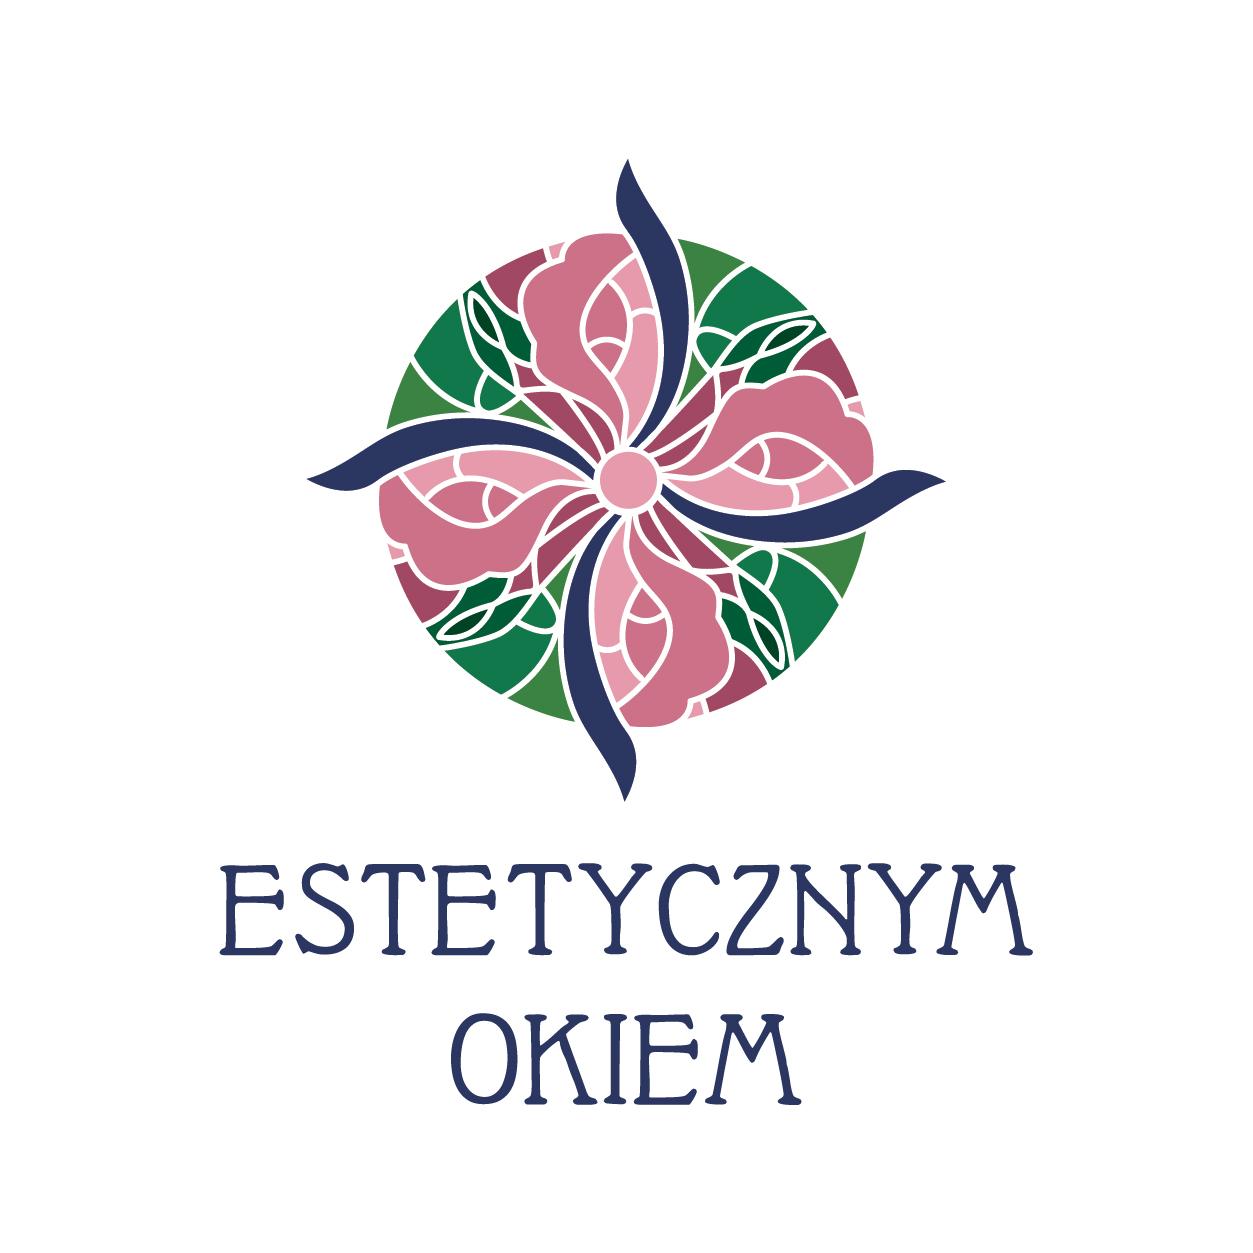 Estetycznym_Okiem_zrodlo-01.jpg